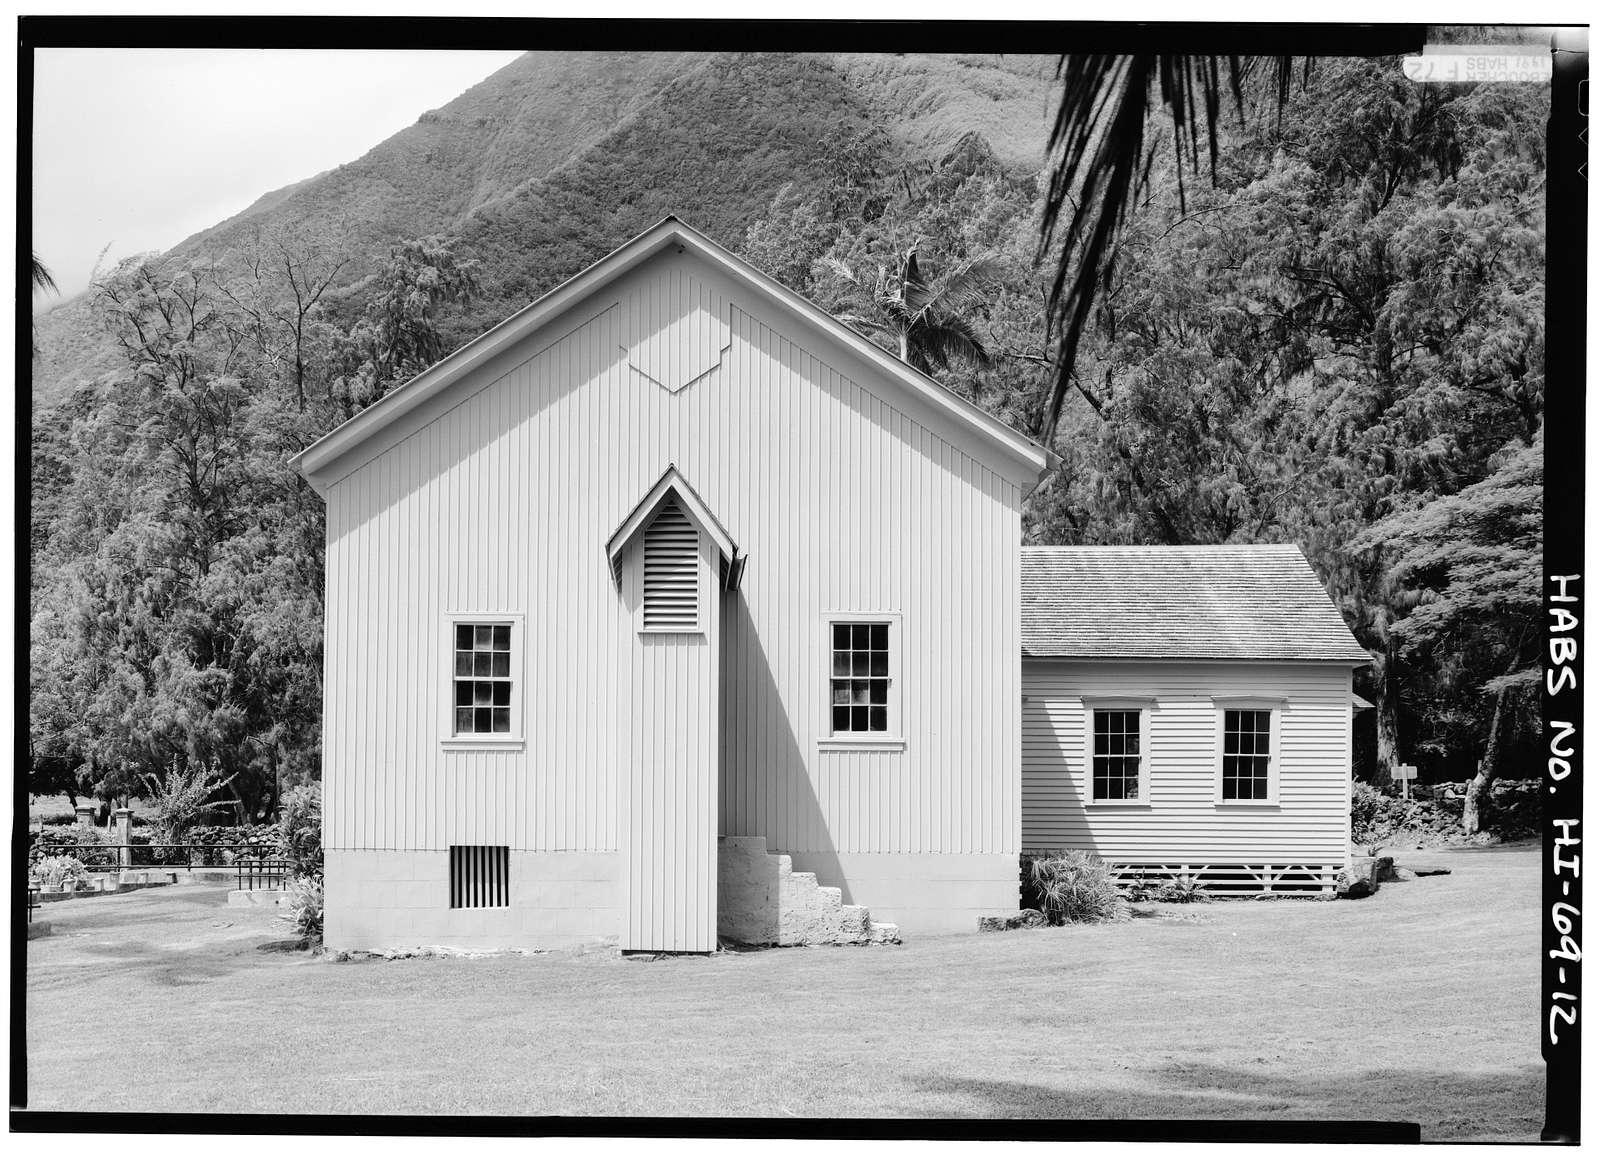 St. Philomena Roman Catholic Church, Moloka'i Island, Kalaupapa, Kalawao County, HI